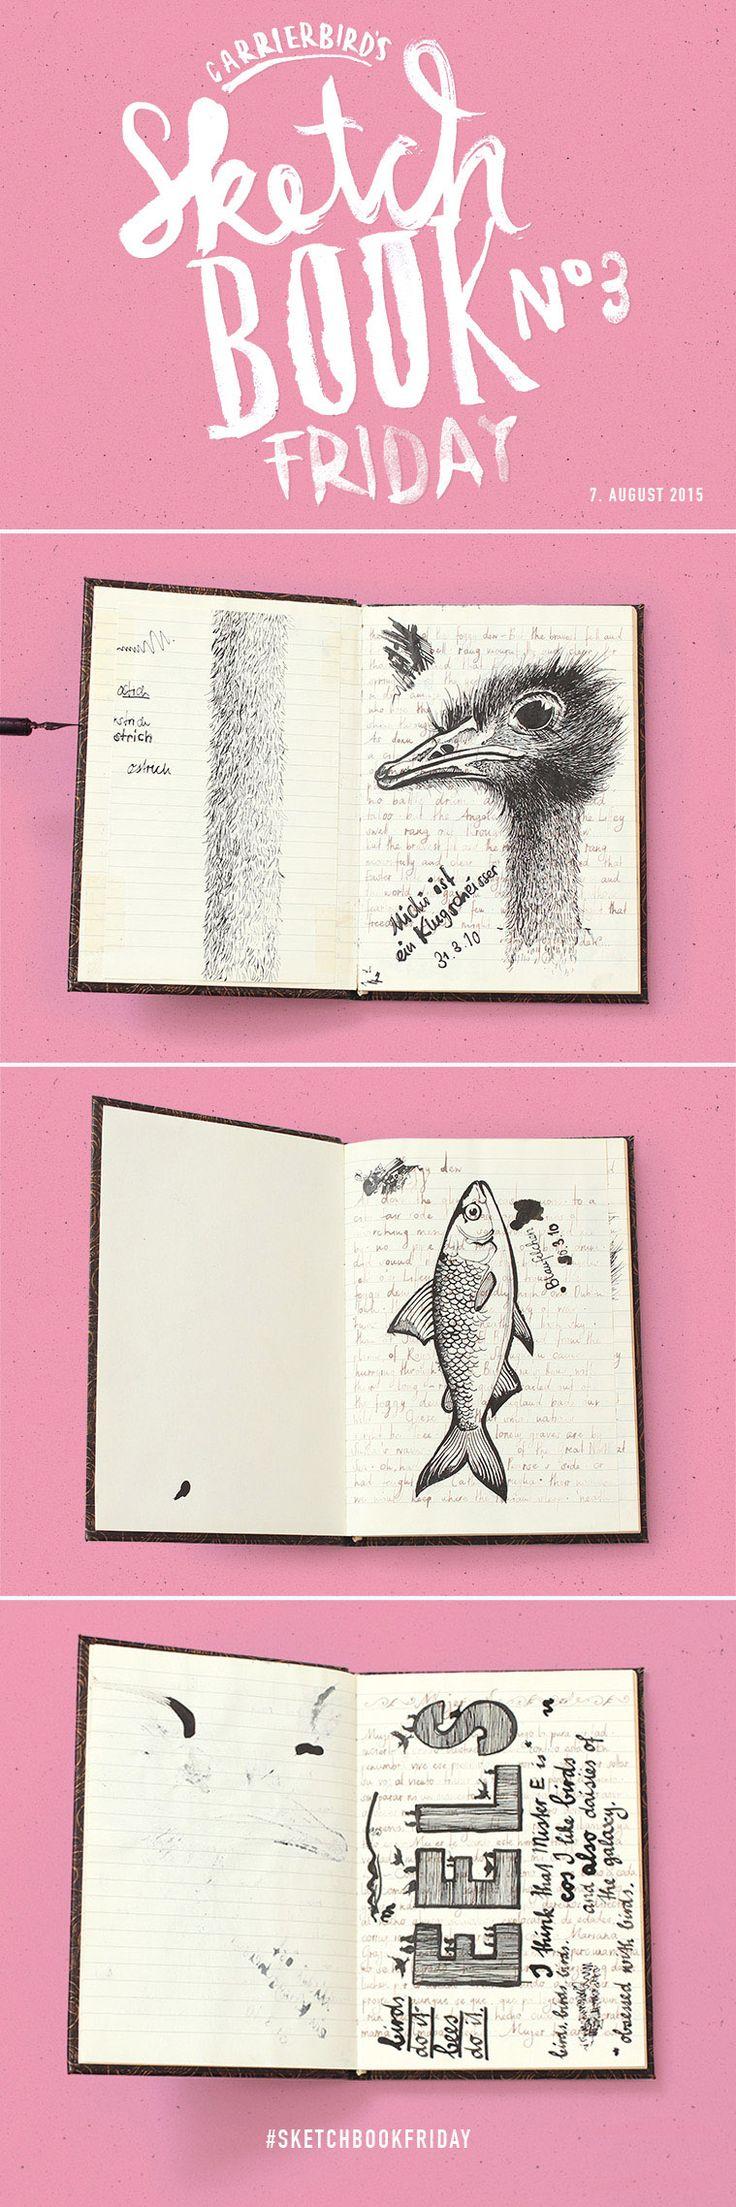 Carrier Bird's Sketchbookfriday No.03